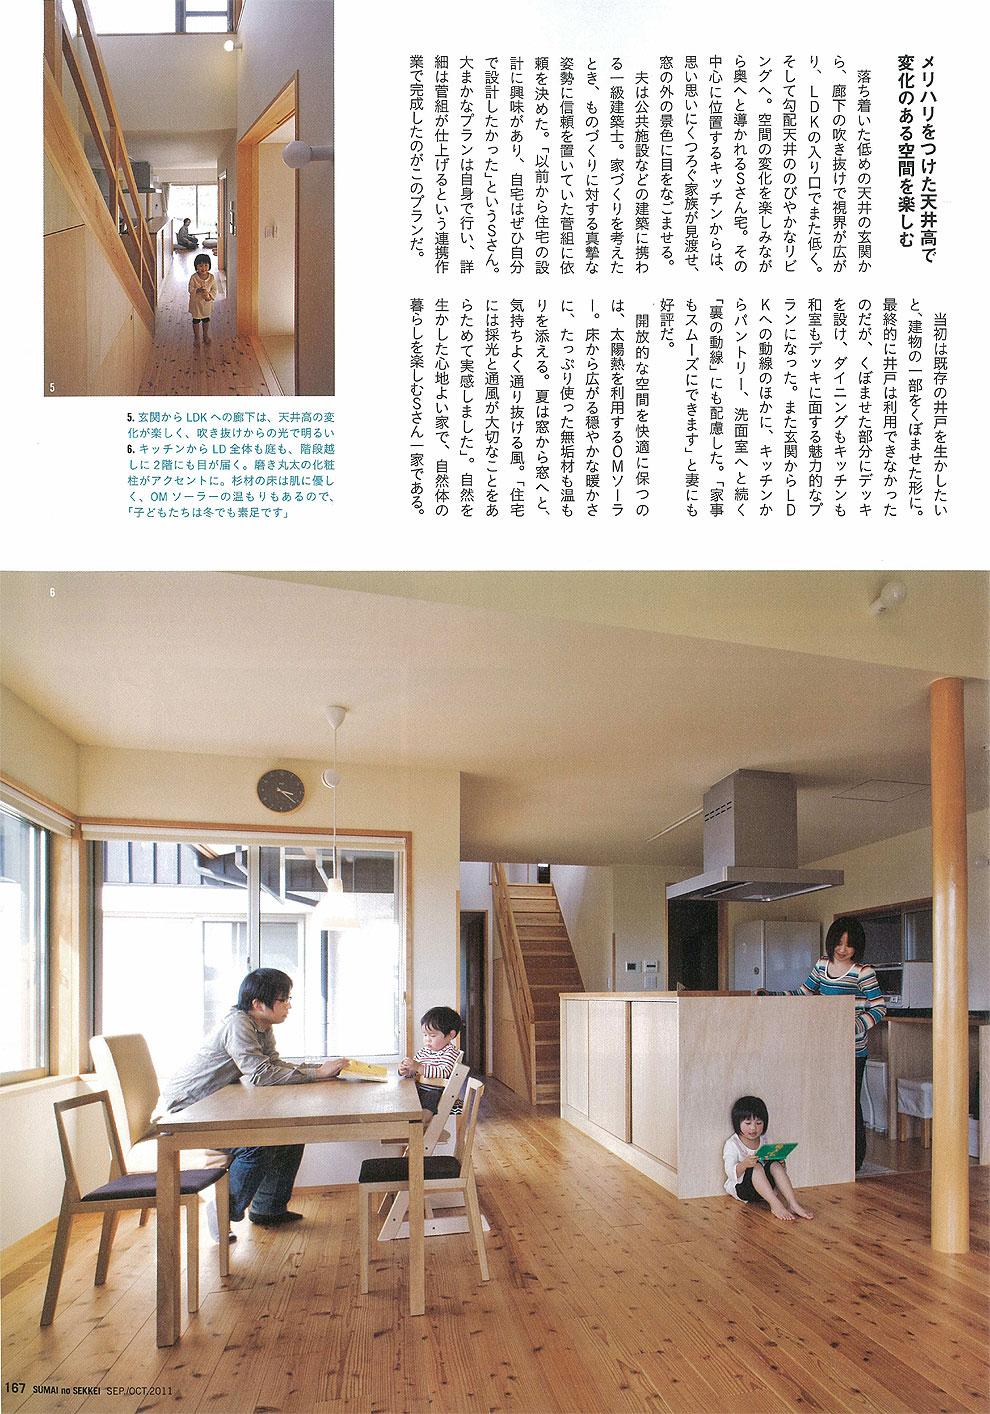 住まいの設計 SEP./OCT.2011_e0066586_77201.jpg